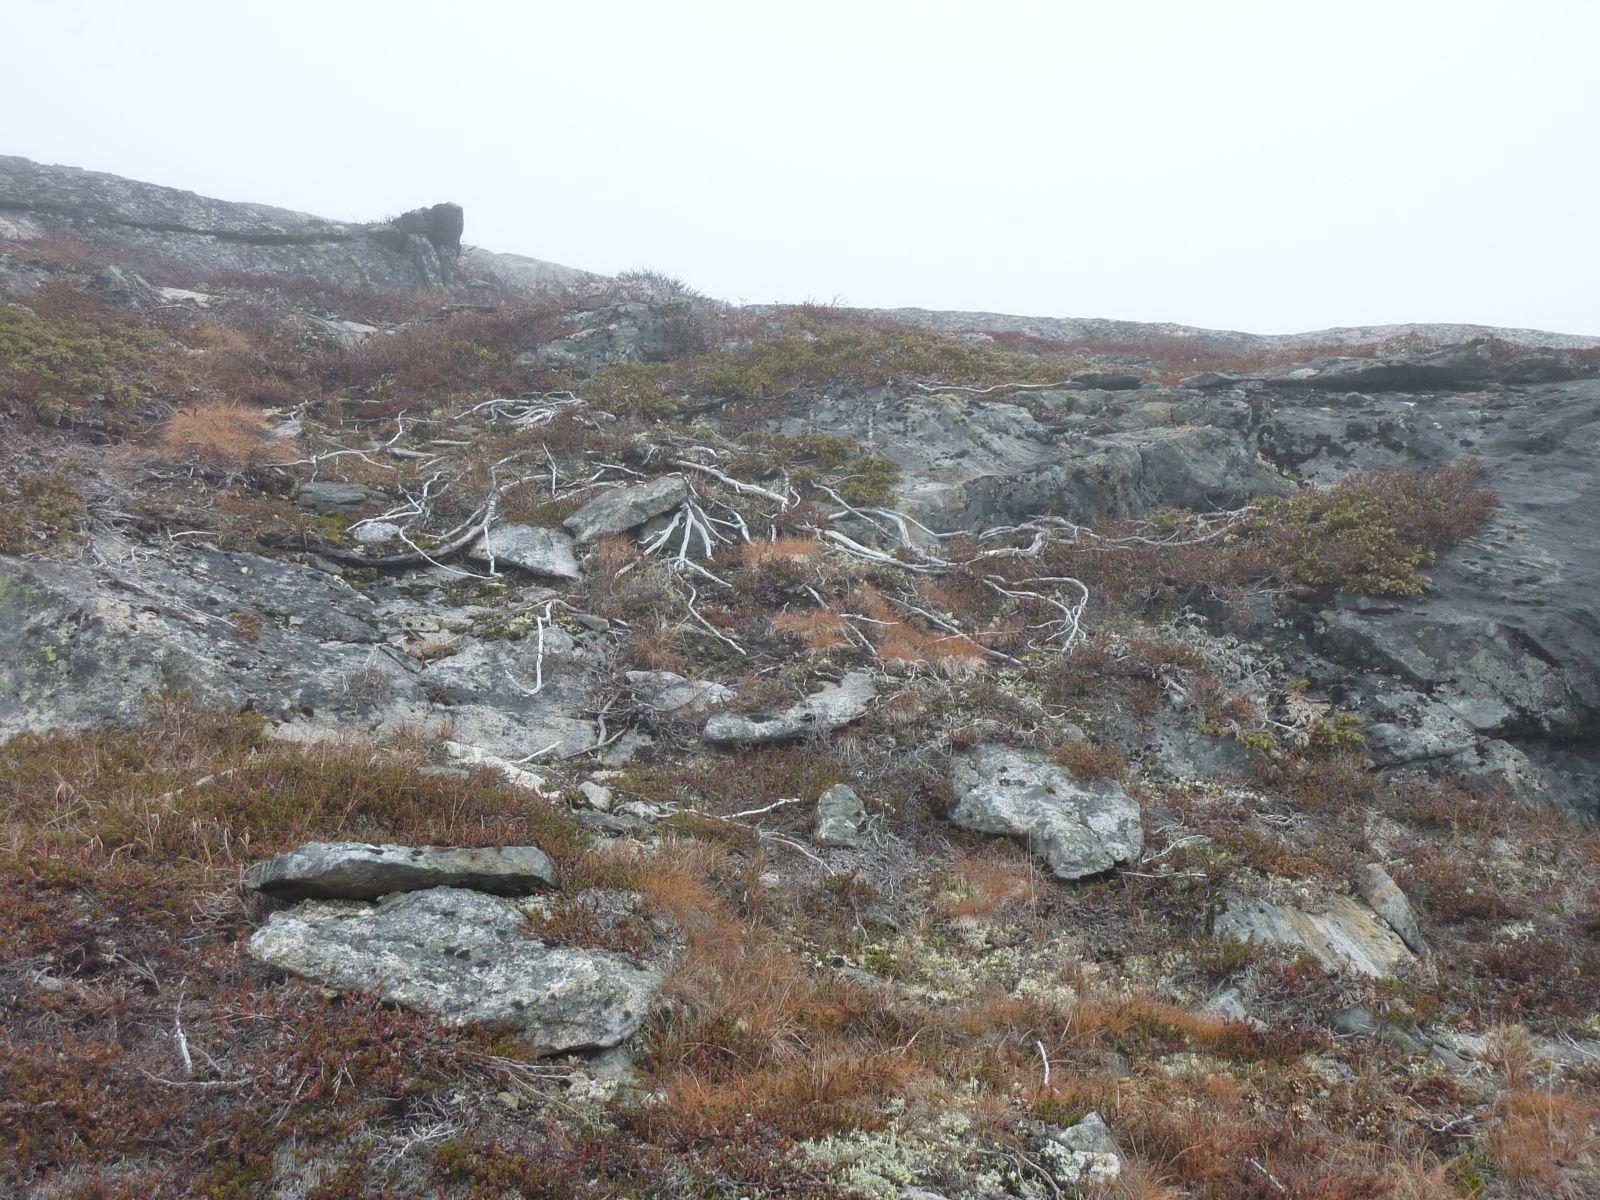 2010-10-15-1306_-_Vegetation